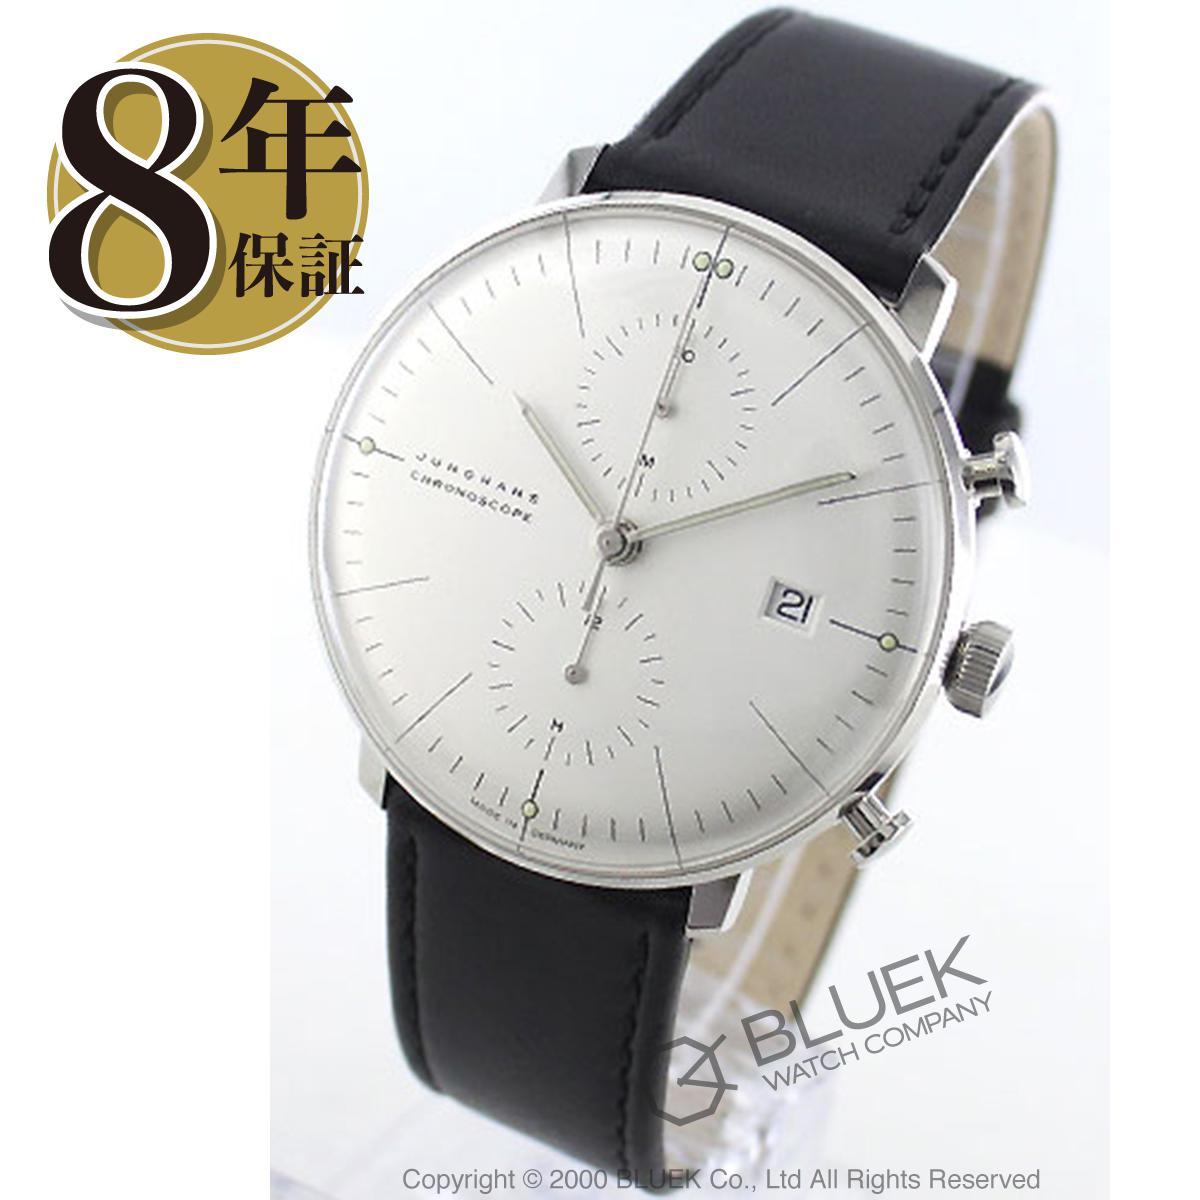 ユンハンス JUNGHANS 腕時計 マックスビル クロノスコープ メンズ 027/4600.00_8